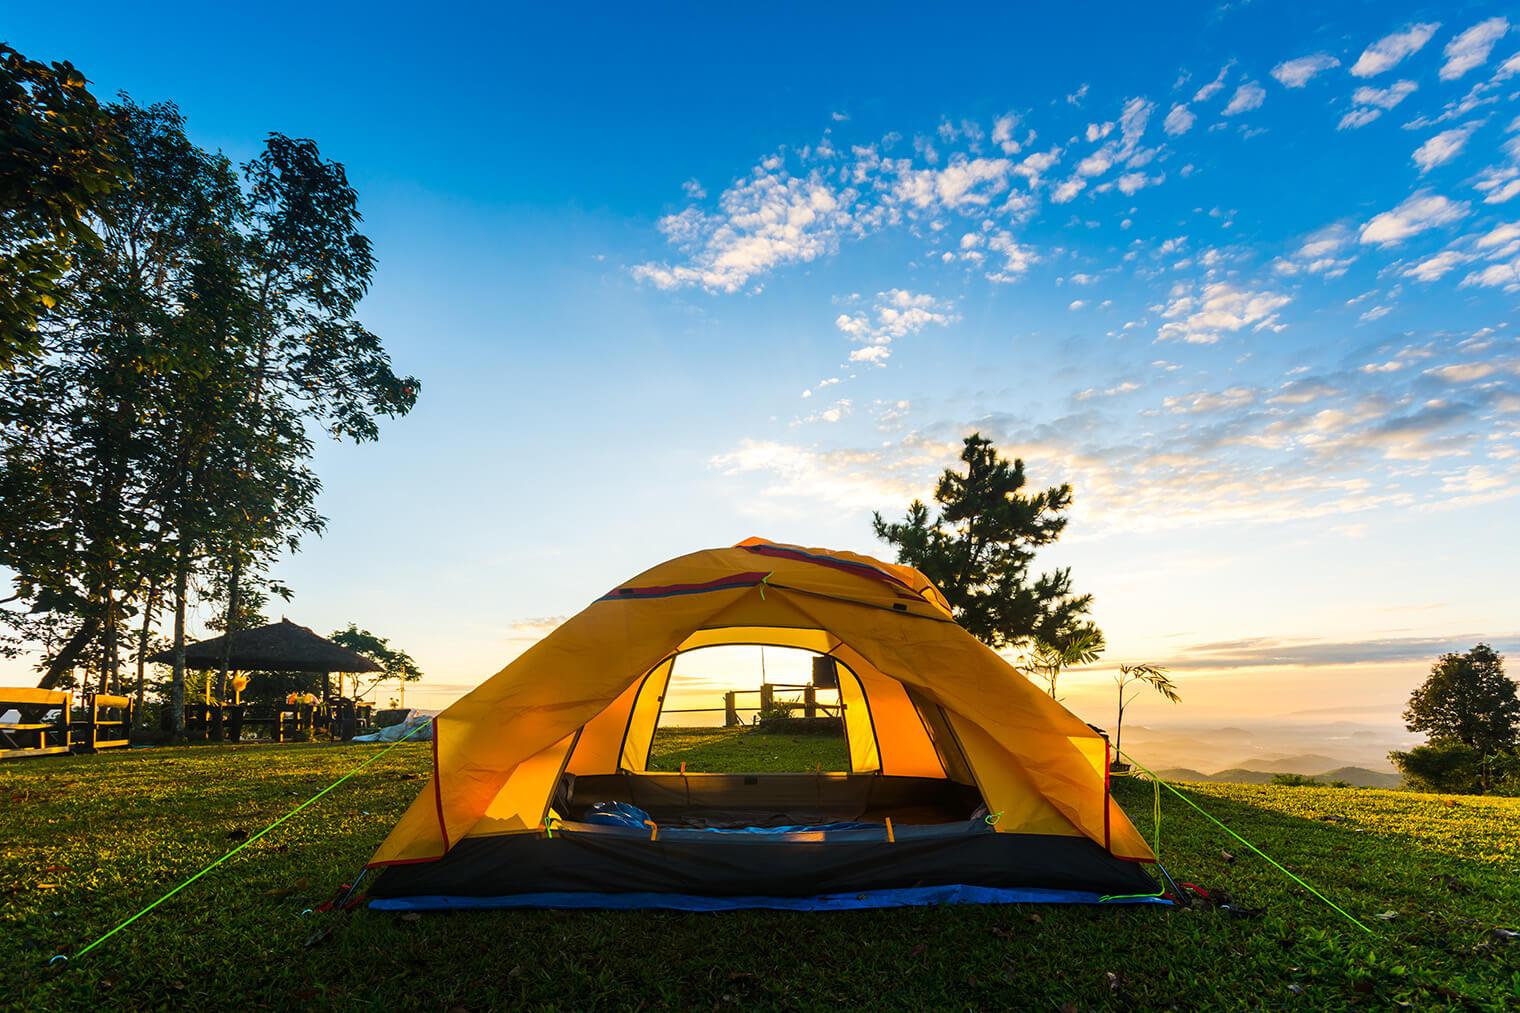 使った後のテントの保管方法と収納場所に悩む!次も使えるために